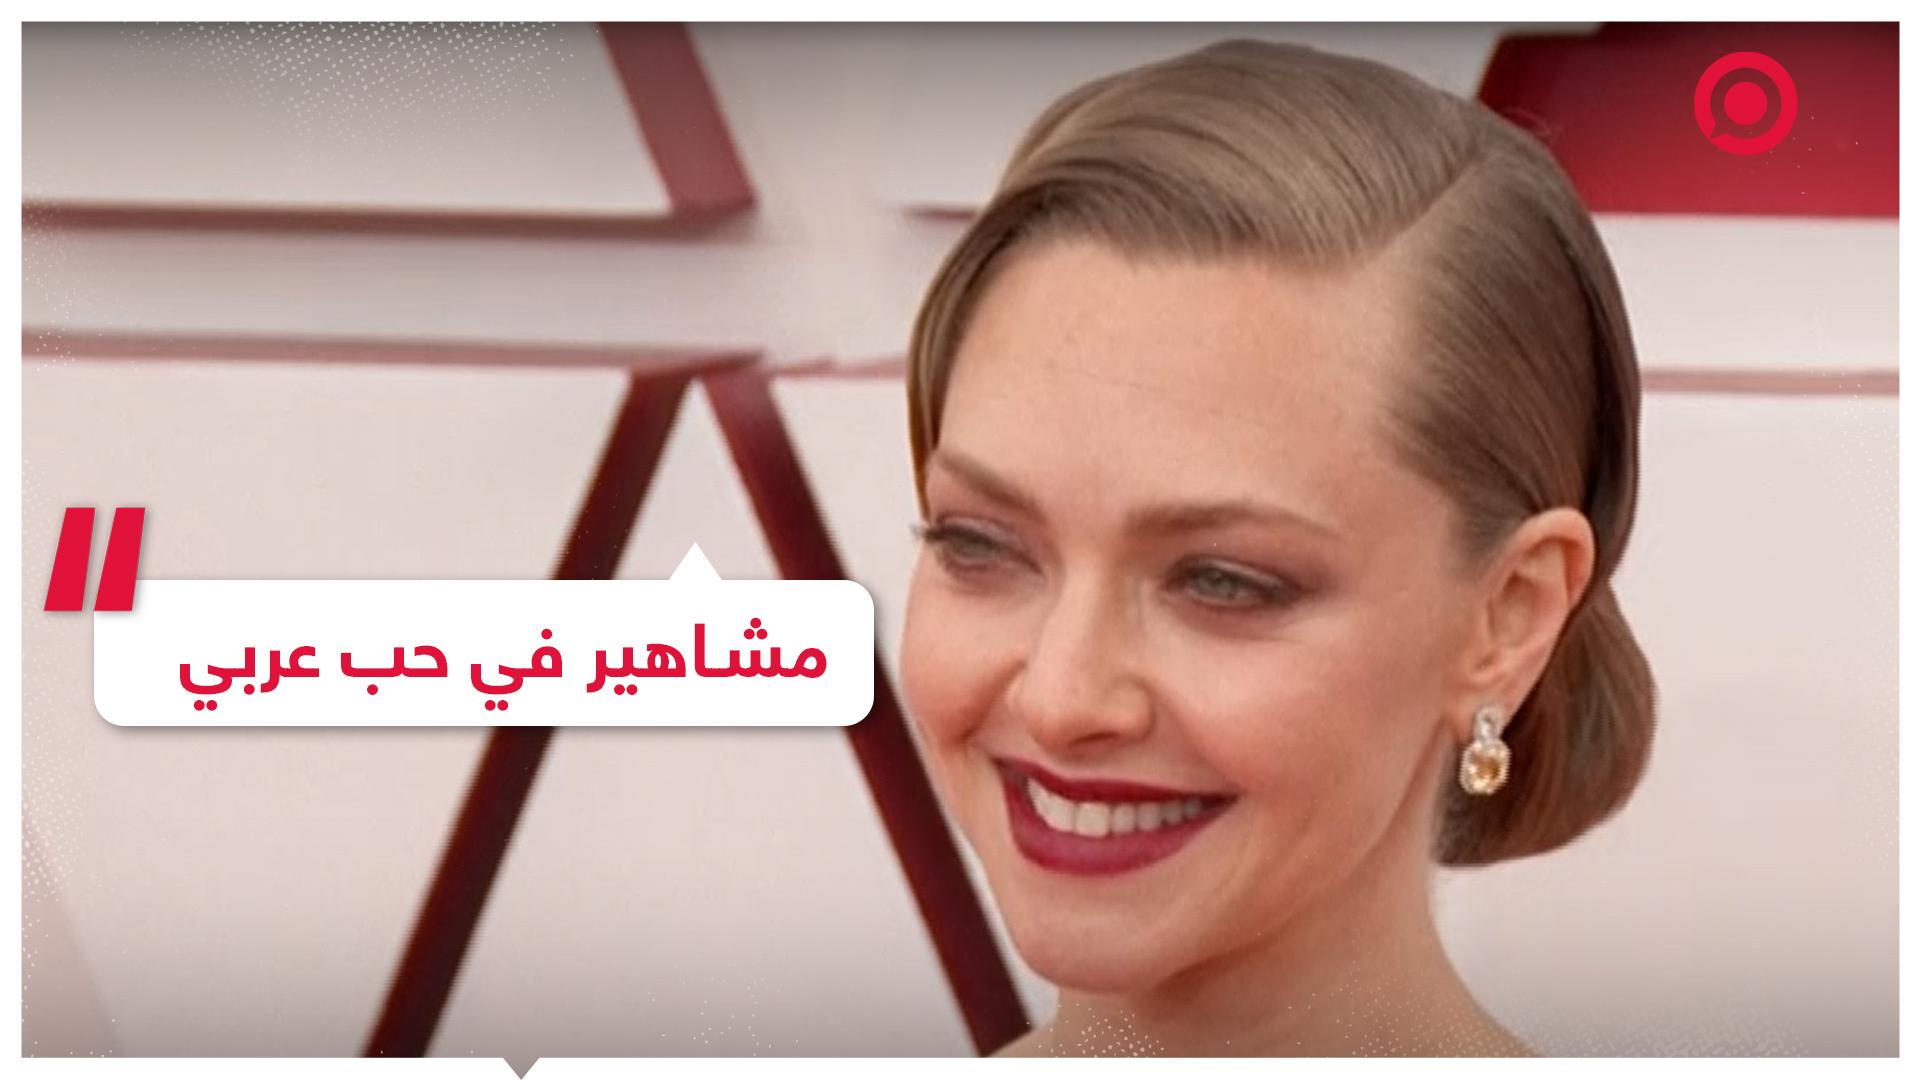 مشاهير، عرب، حب، نجوم